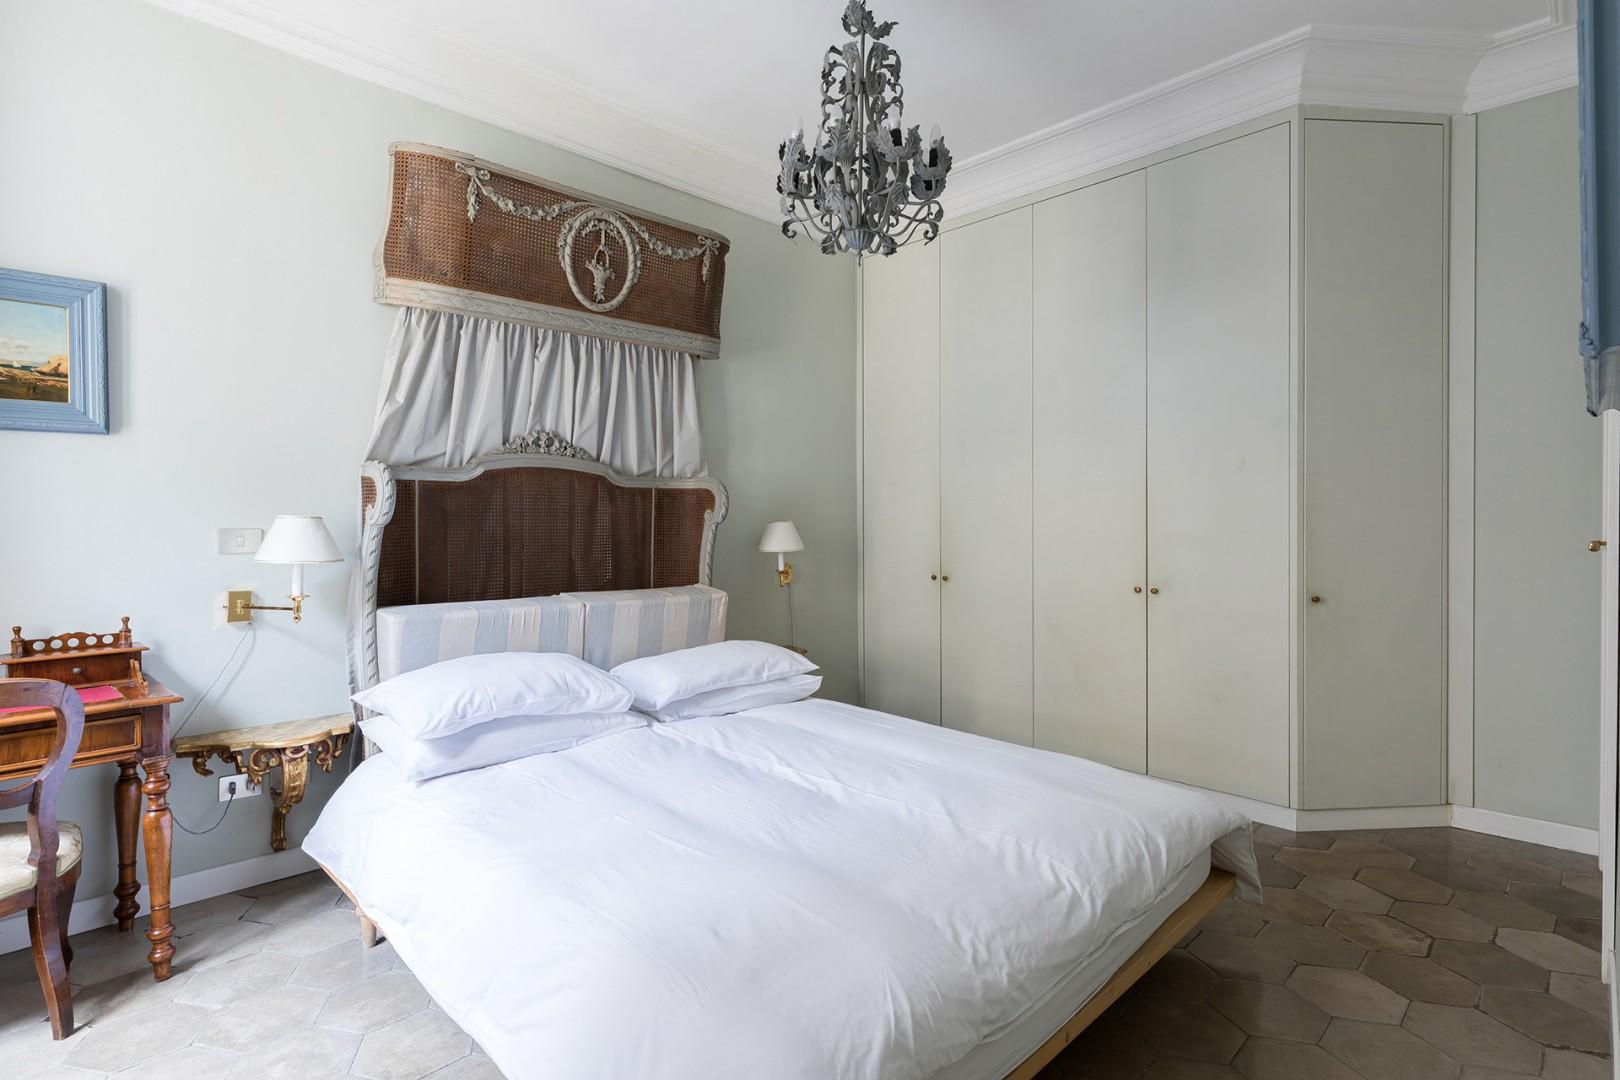 Beautiful antique wicker bedstead in bedroom 1 with an en suite bathroom